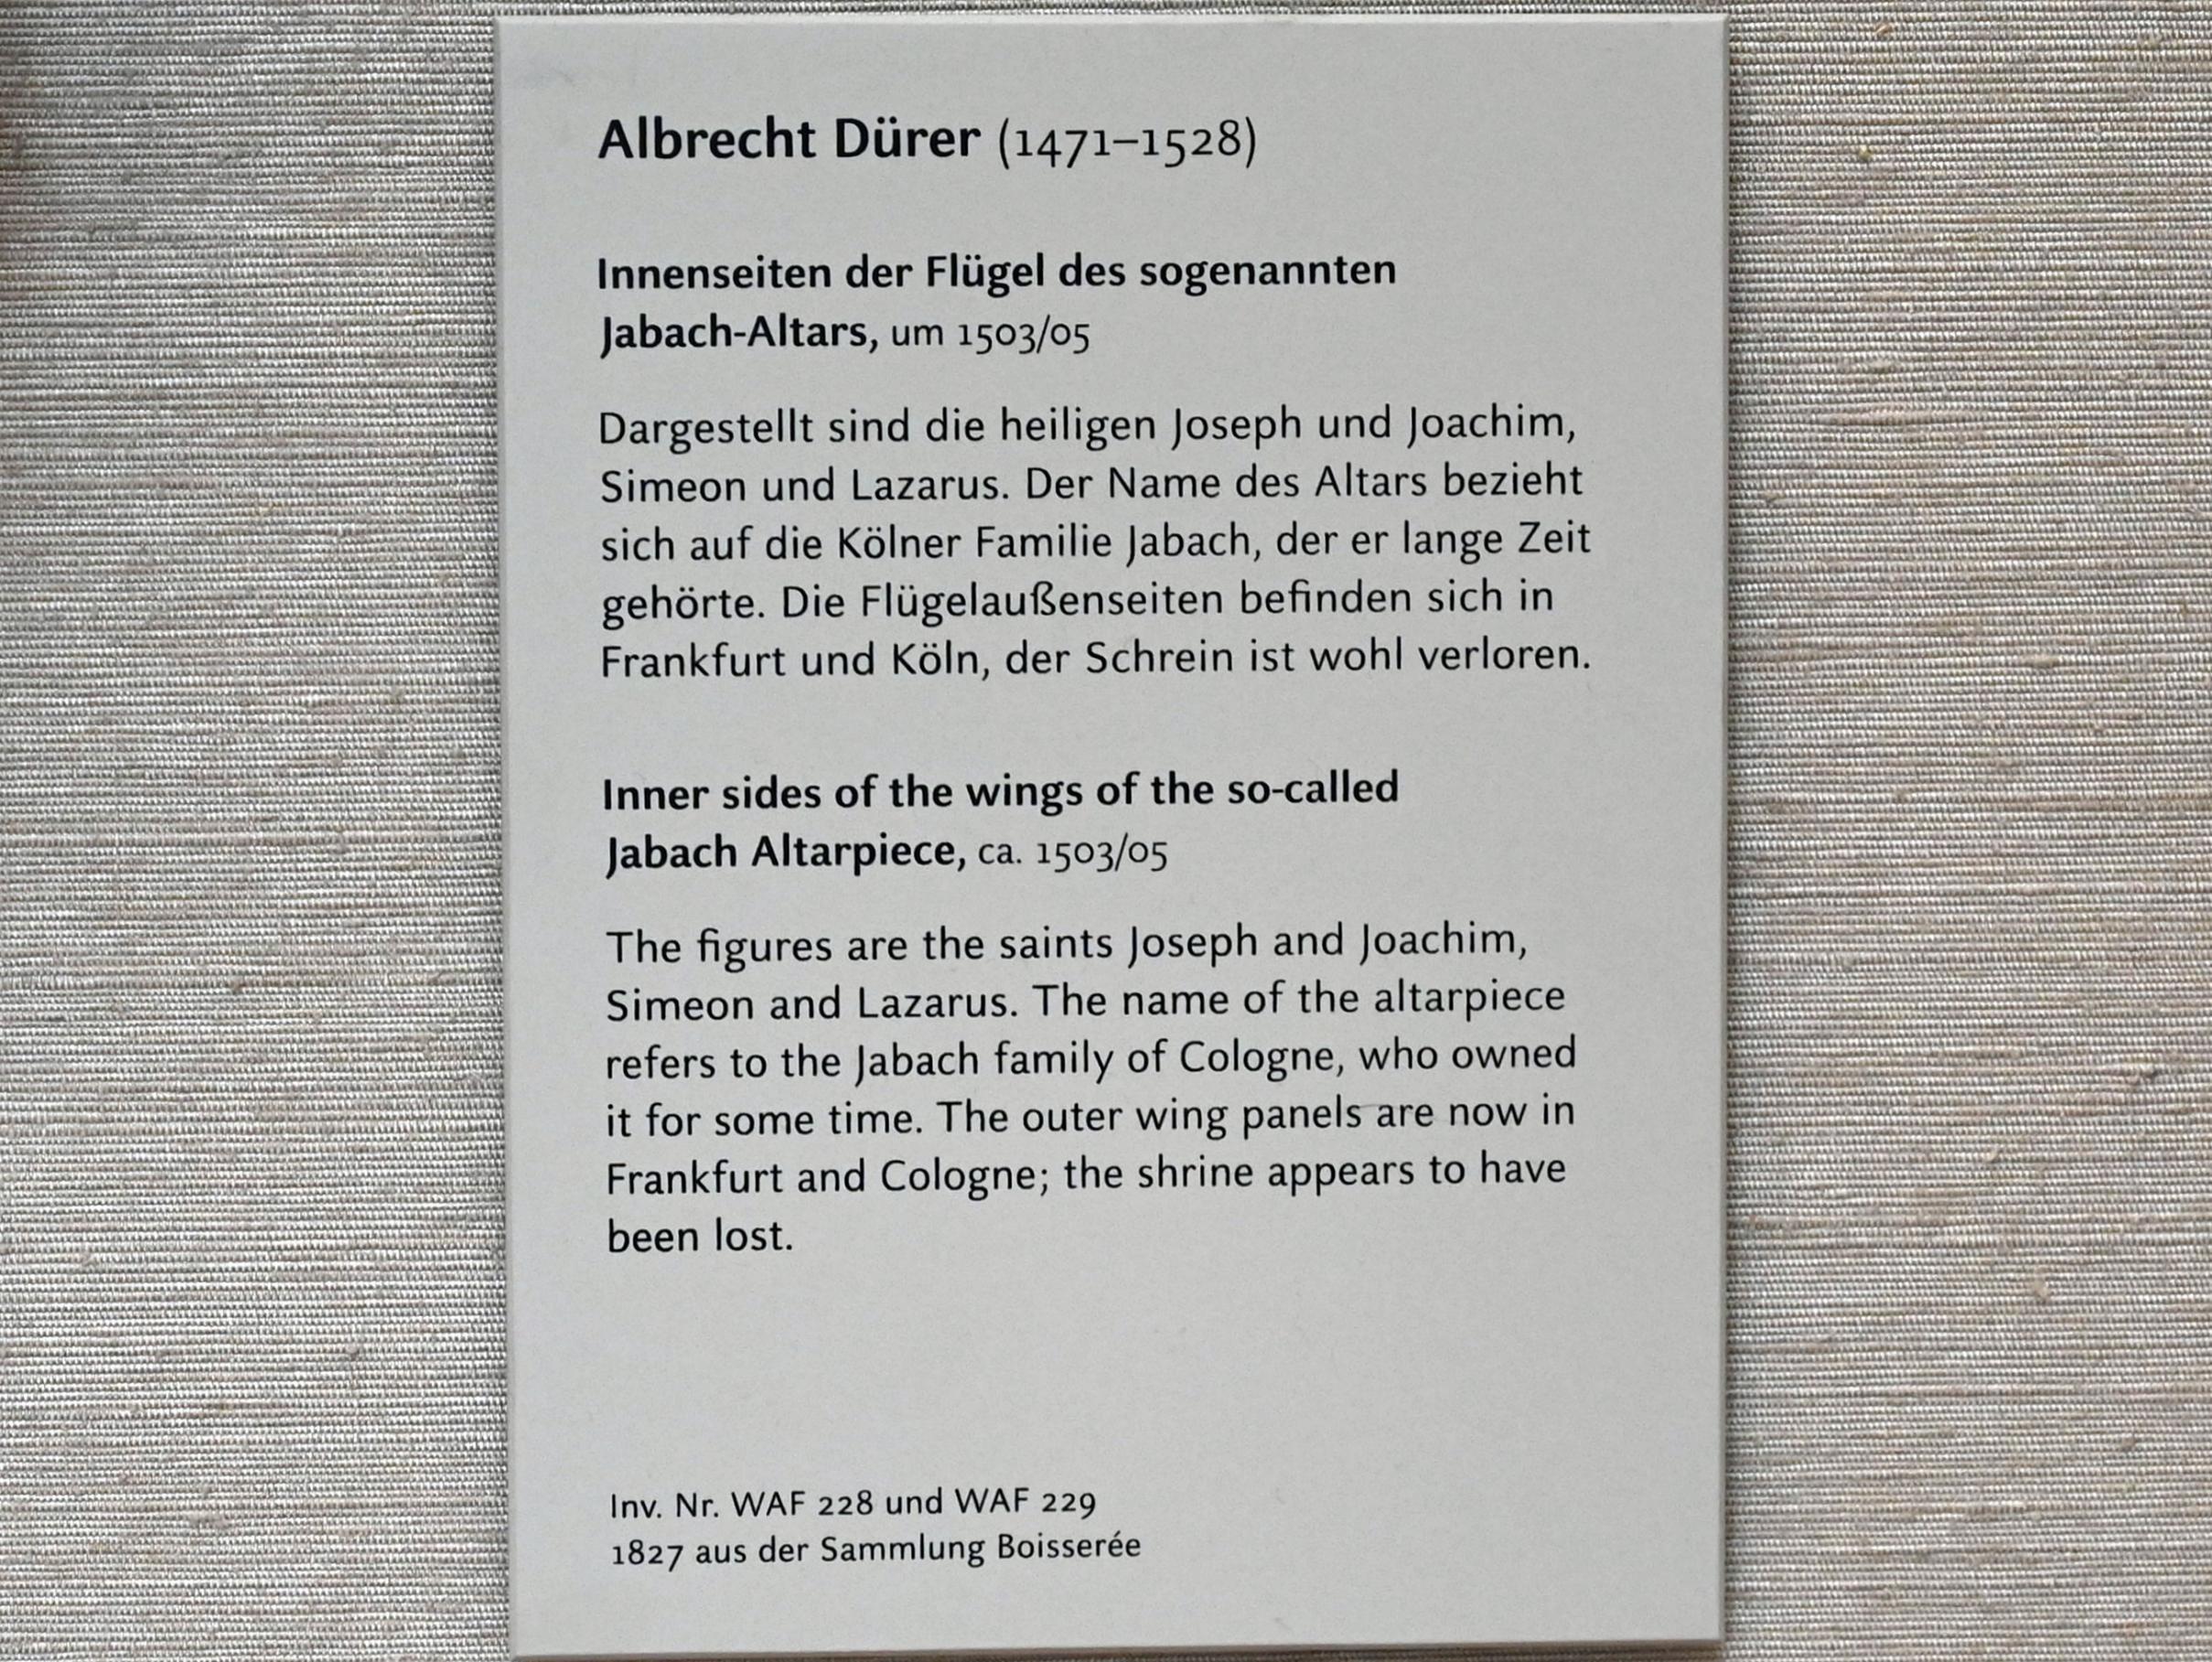 Albrecht Dürer: Innenseiten der Flügel des sogenannten Jabach-Altars, 1503 - 1505